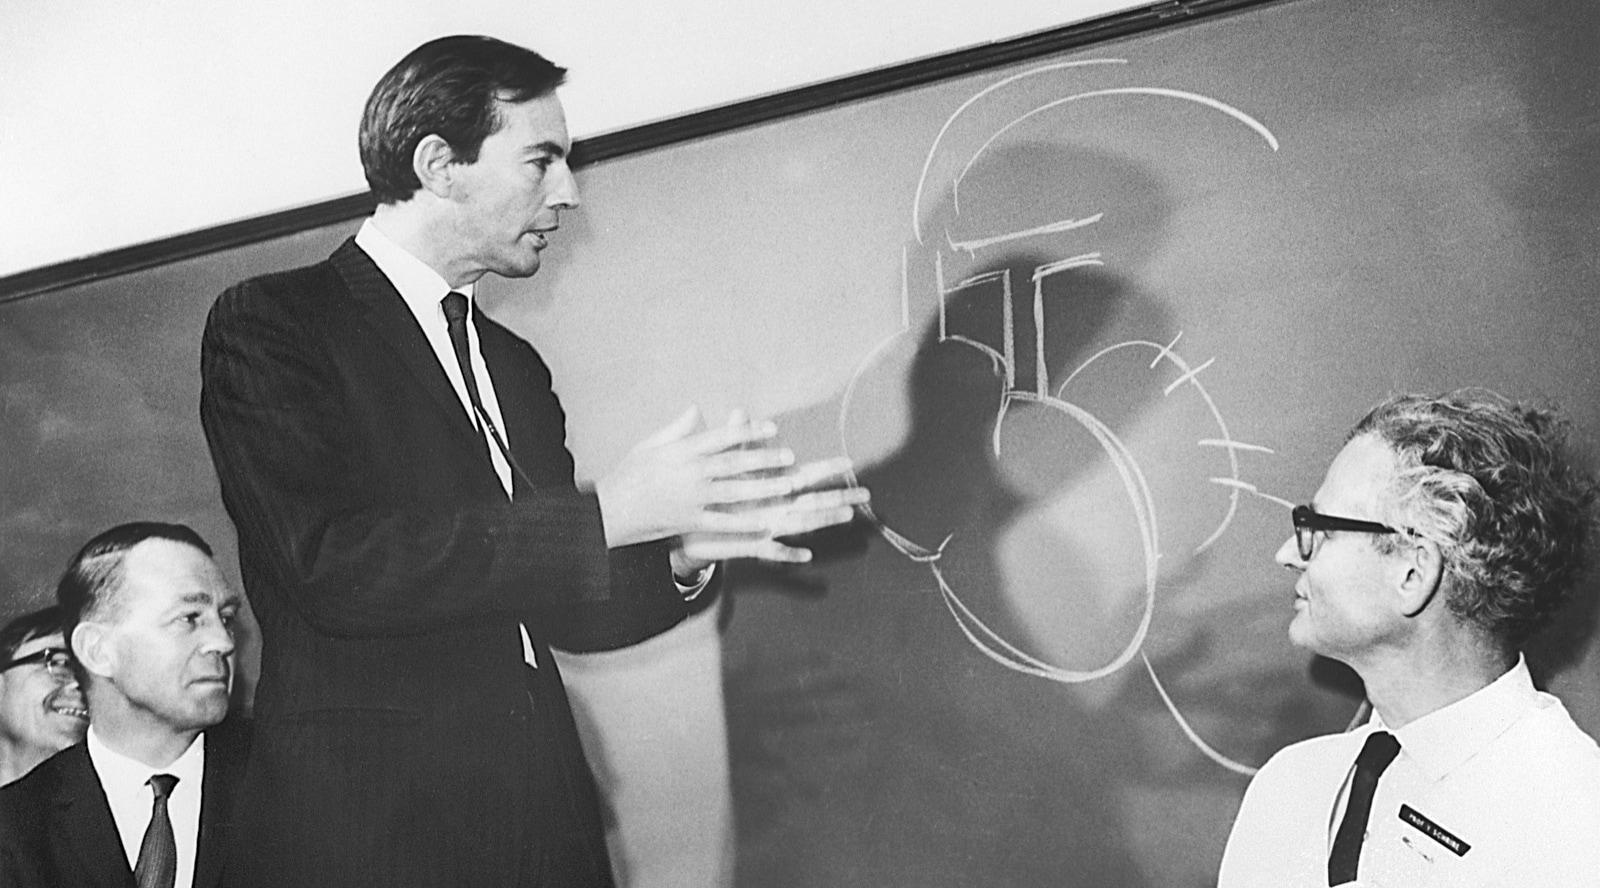 Cinquant'anni fa Barnard completava con successo il primo trapianto di cuore